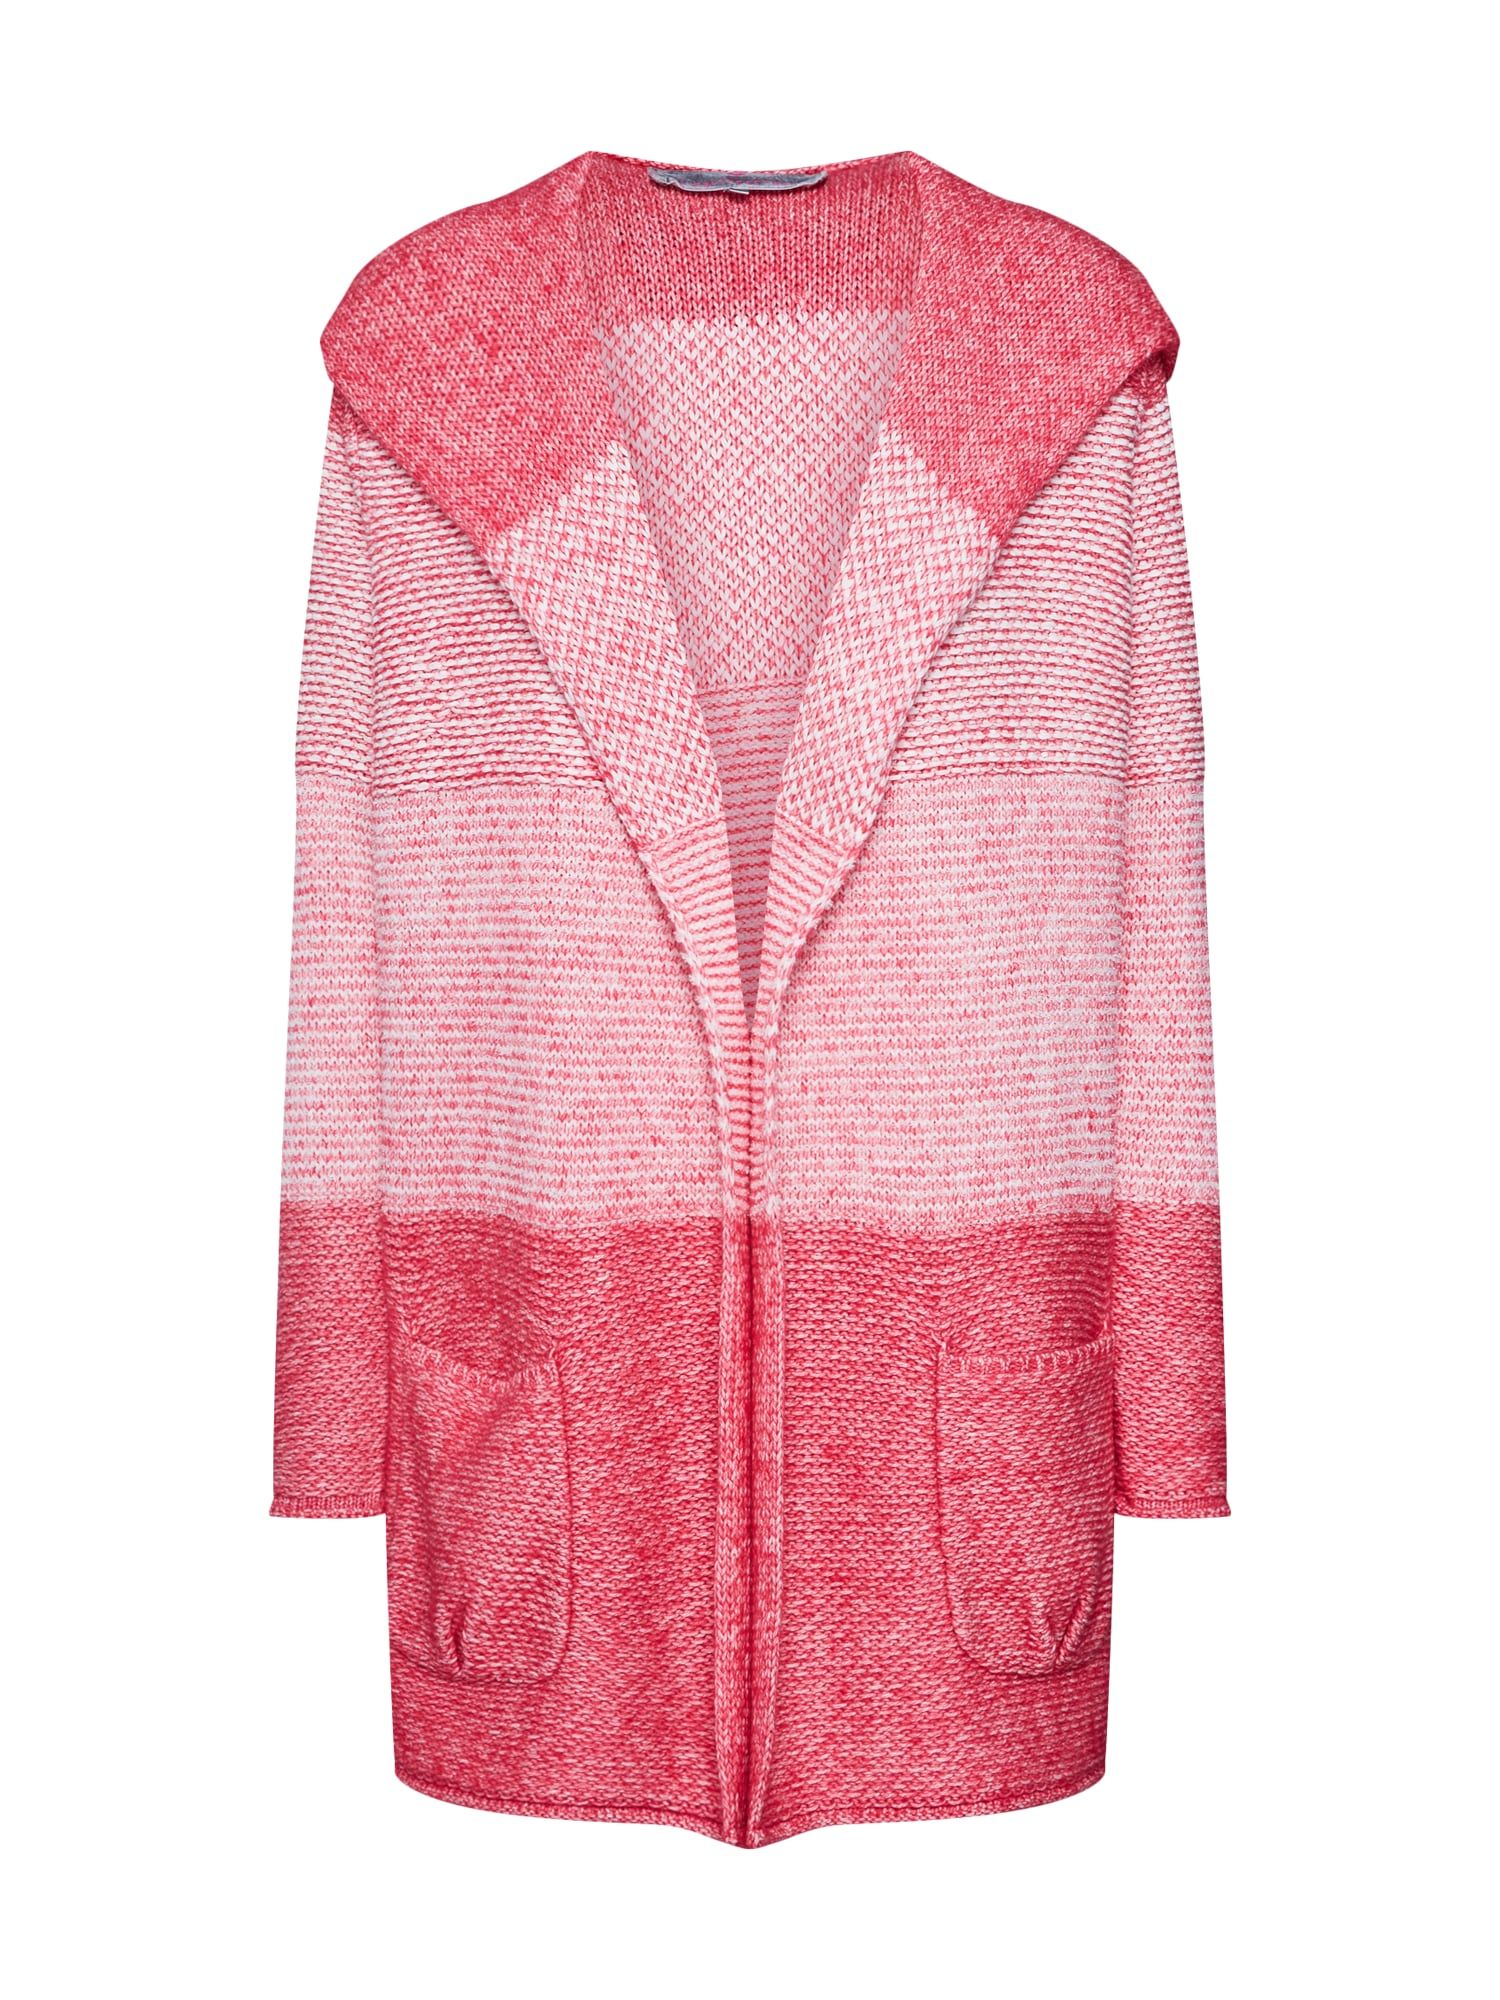 Kardigan AlexaK pink růžová LIEBLINGSSTÜCK